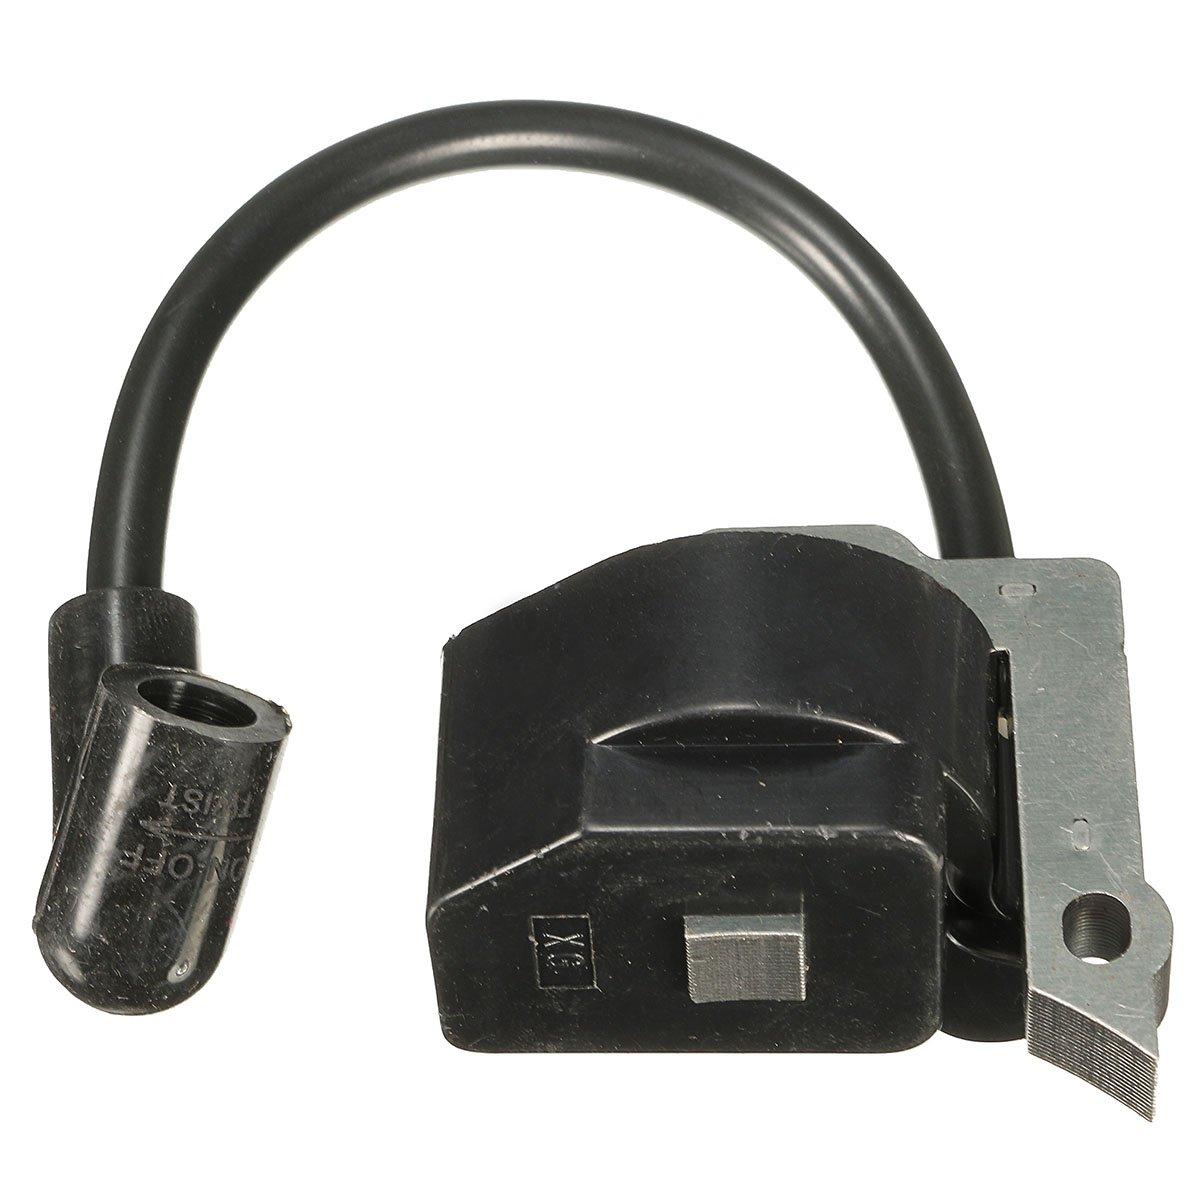 Forspero Module Bobine DAllumage Scie Artisanale pour Homelite Super 2 Super 2Vi XL Xl2